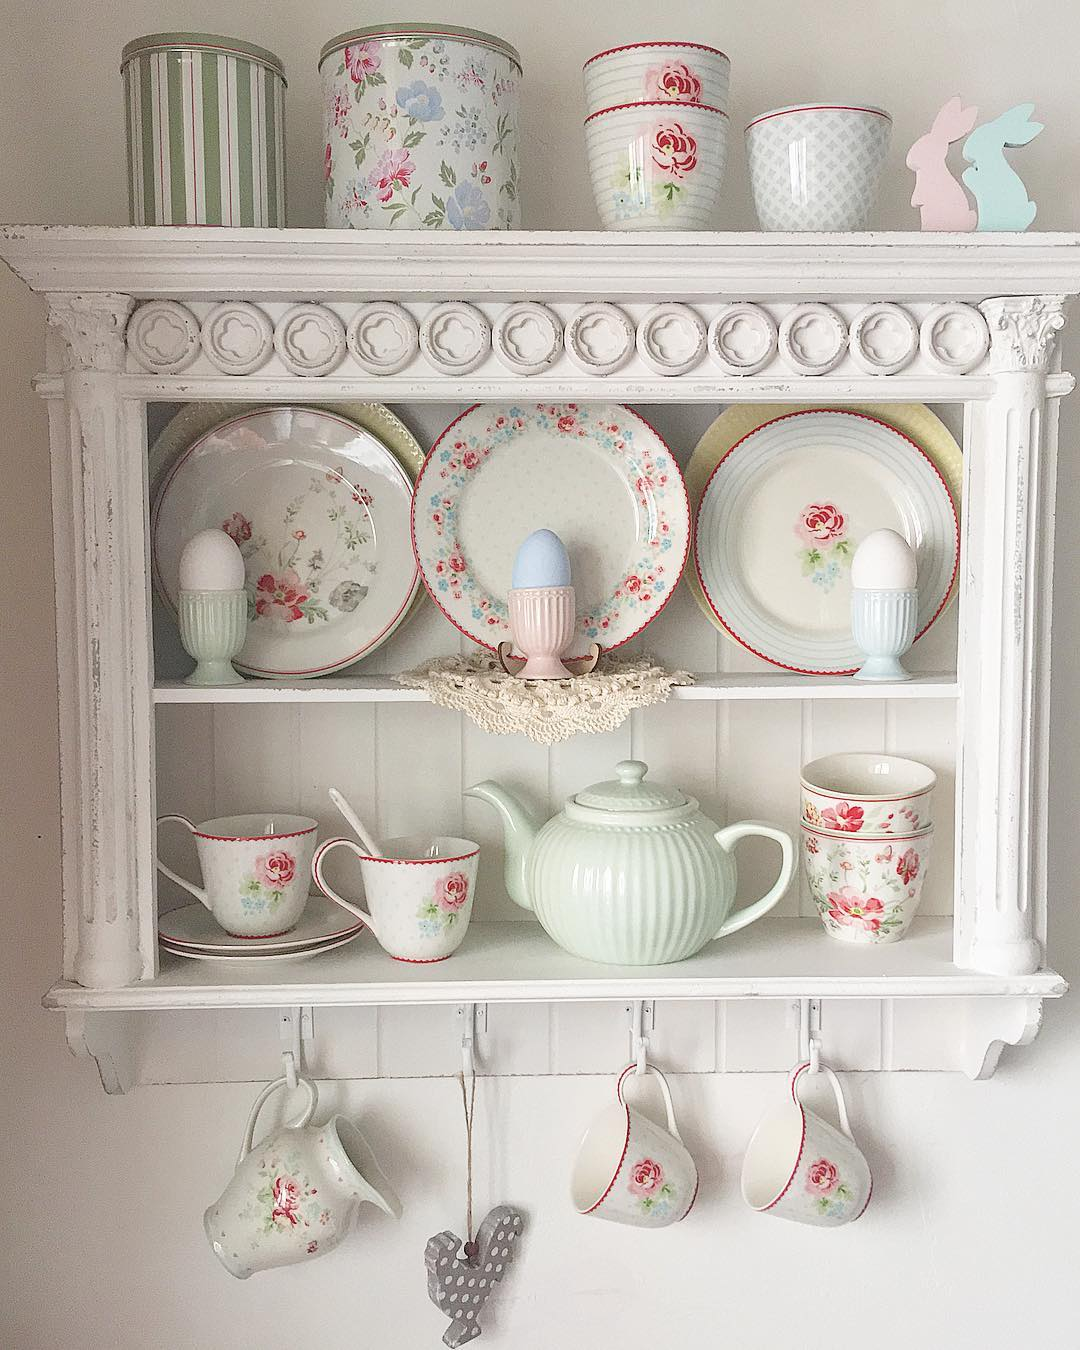 Посуда для дачного интерьера в стиле кантри: фото